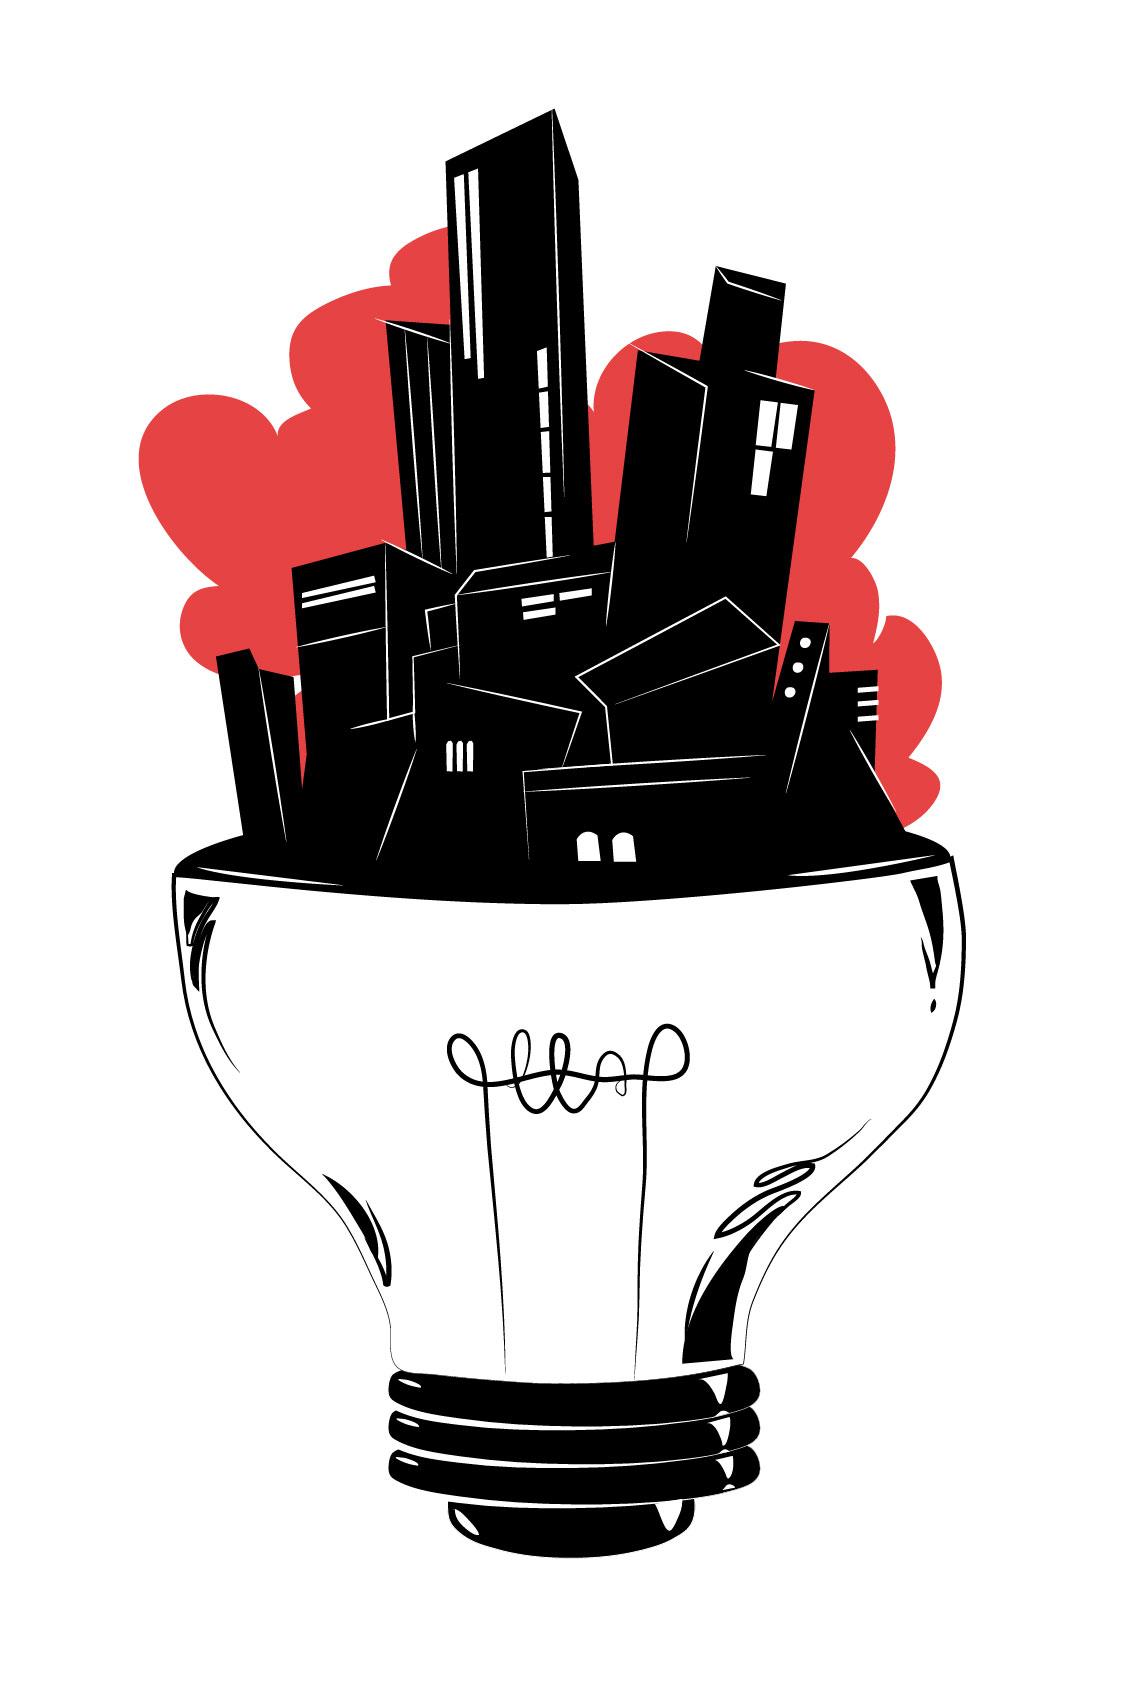 Smart City Idea